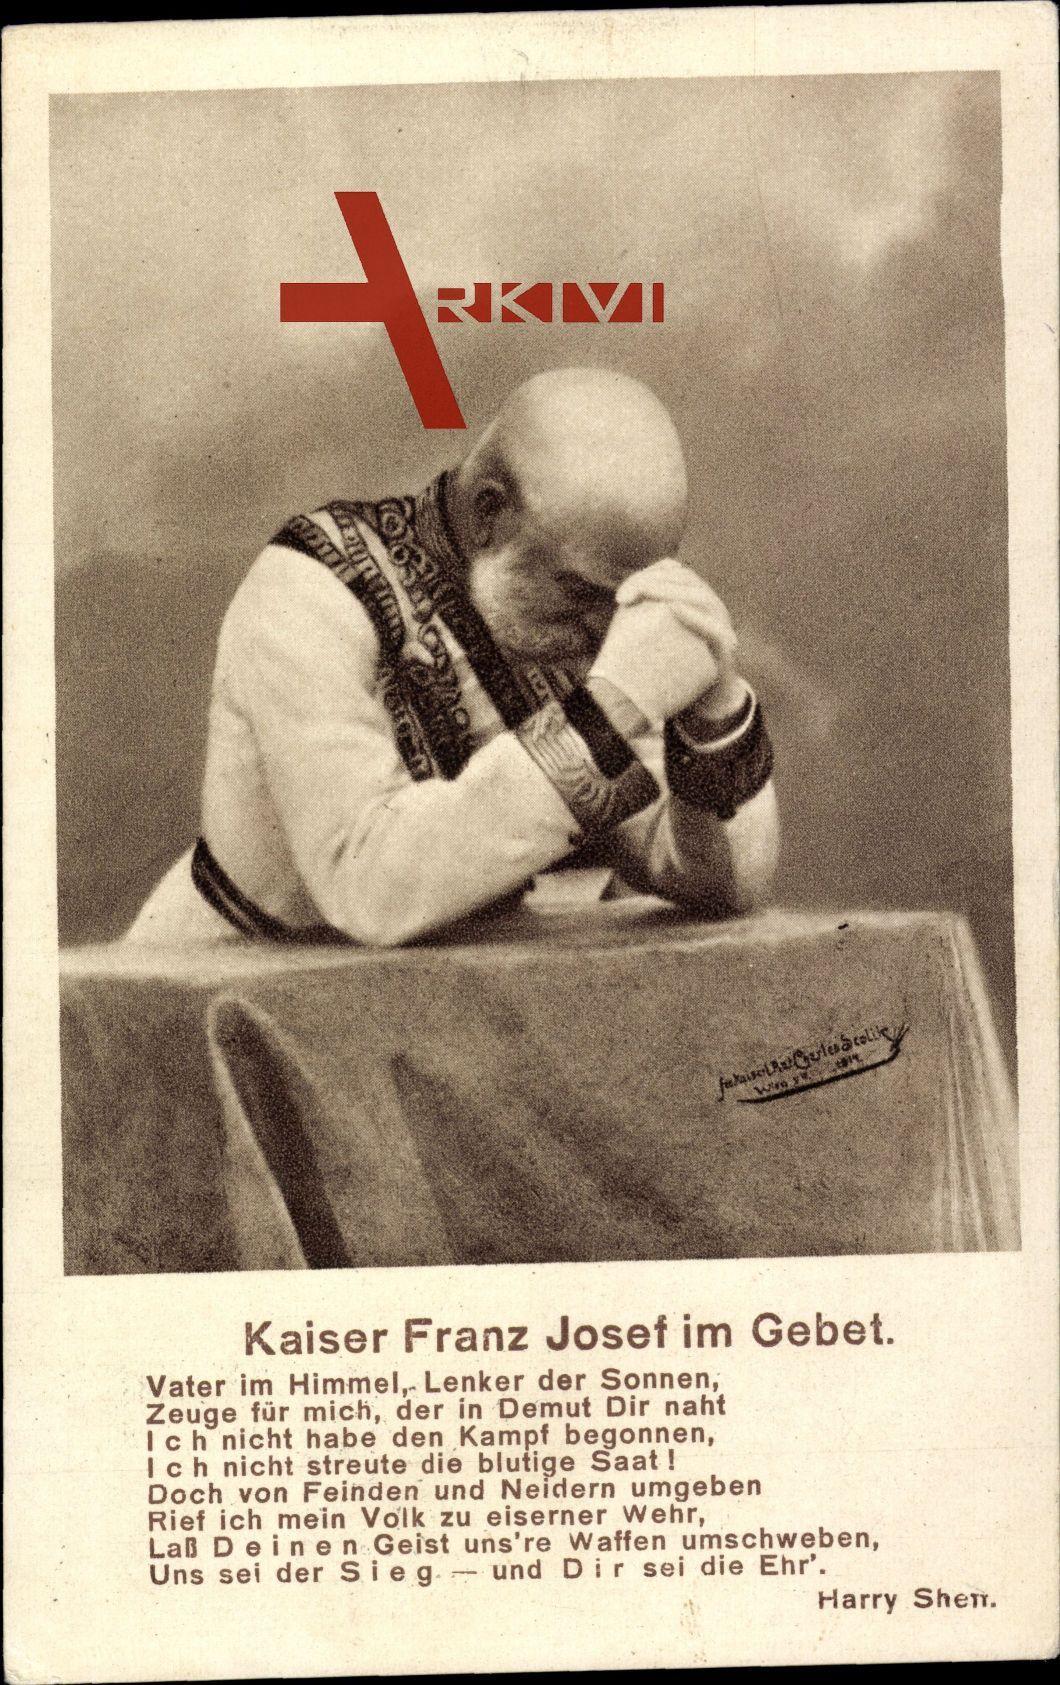 Kaiser Franz Josef von Österreich im Gebet, Gebet von Harry Sheff